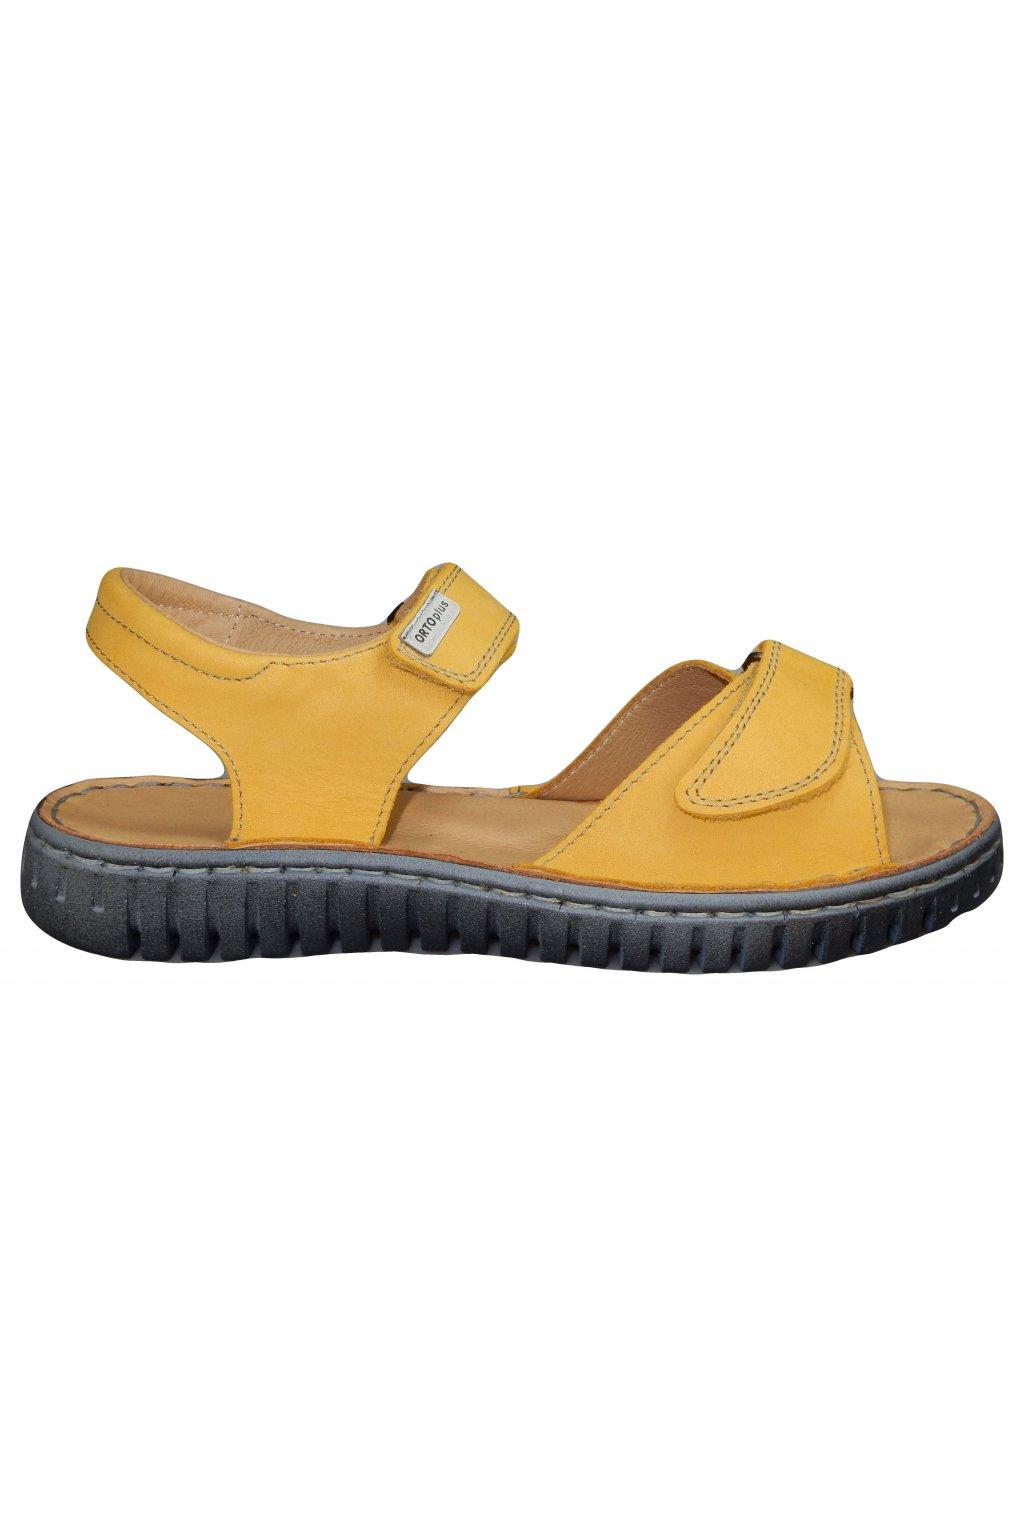 Dámské vycházkové zdravotní sandále ORTO PLUS 8054/H046